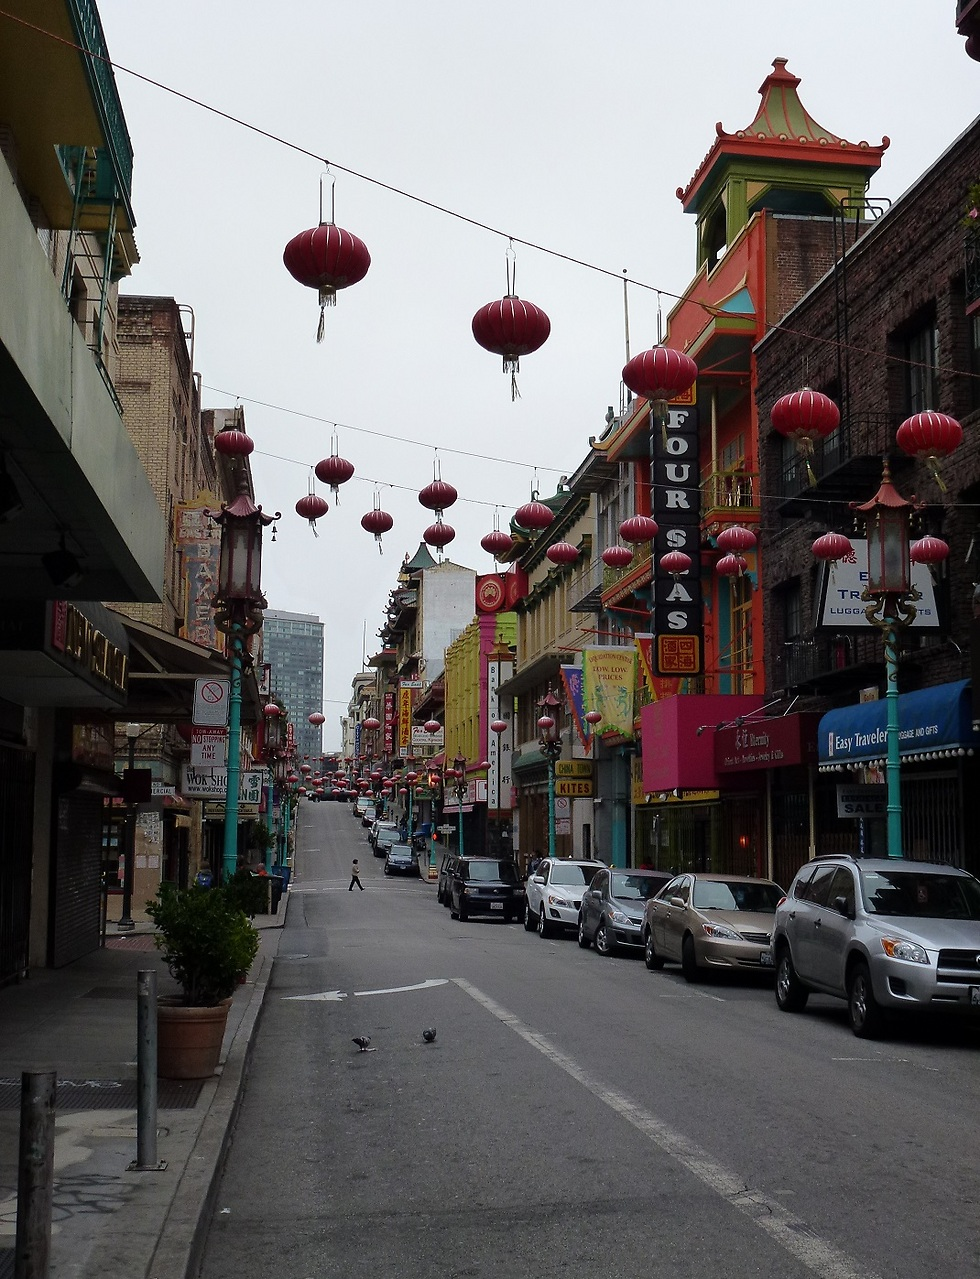 הרובע הסיני (צילום: סיגלית בר, bartravel) (צילום: סיגלית בר, bartravel)